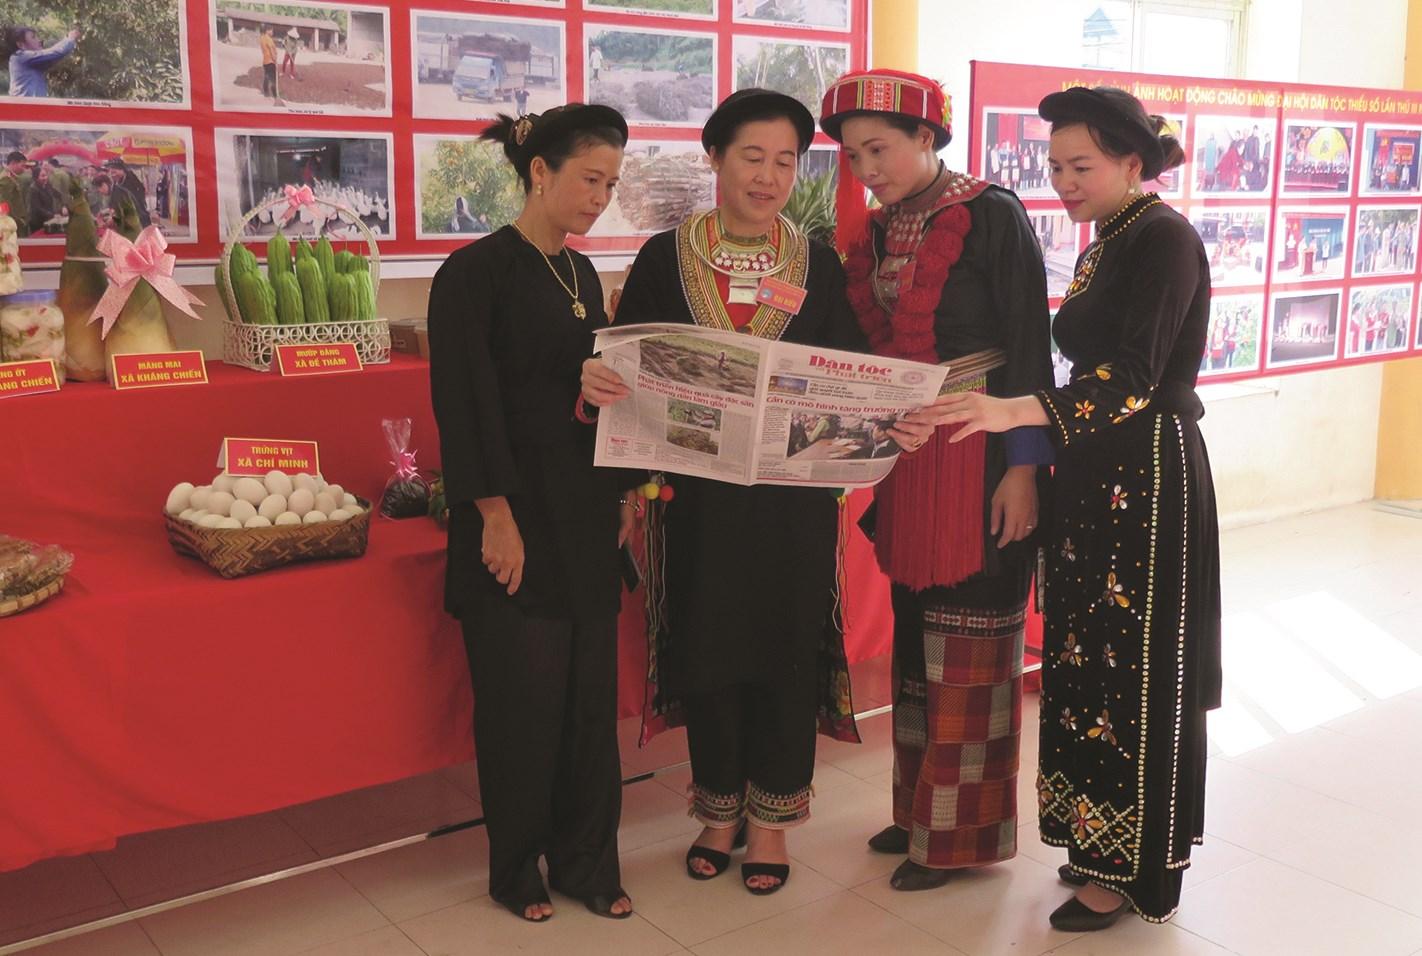 Đồng bào DTTS huyện Tràng Định (Lạng Sơn) tìm hiểu thông tin trên Báo Dân tộc và Phát triển